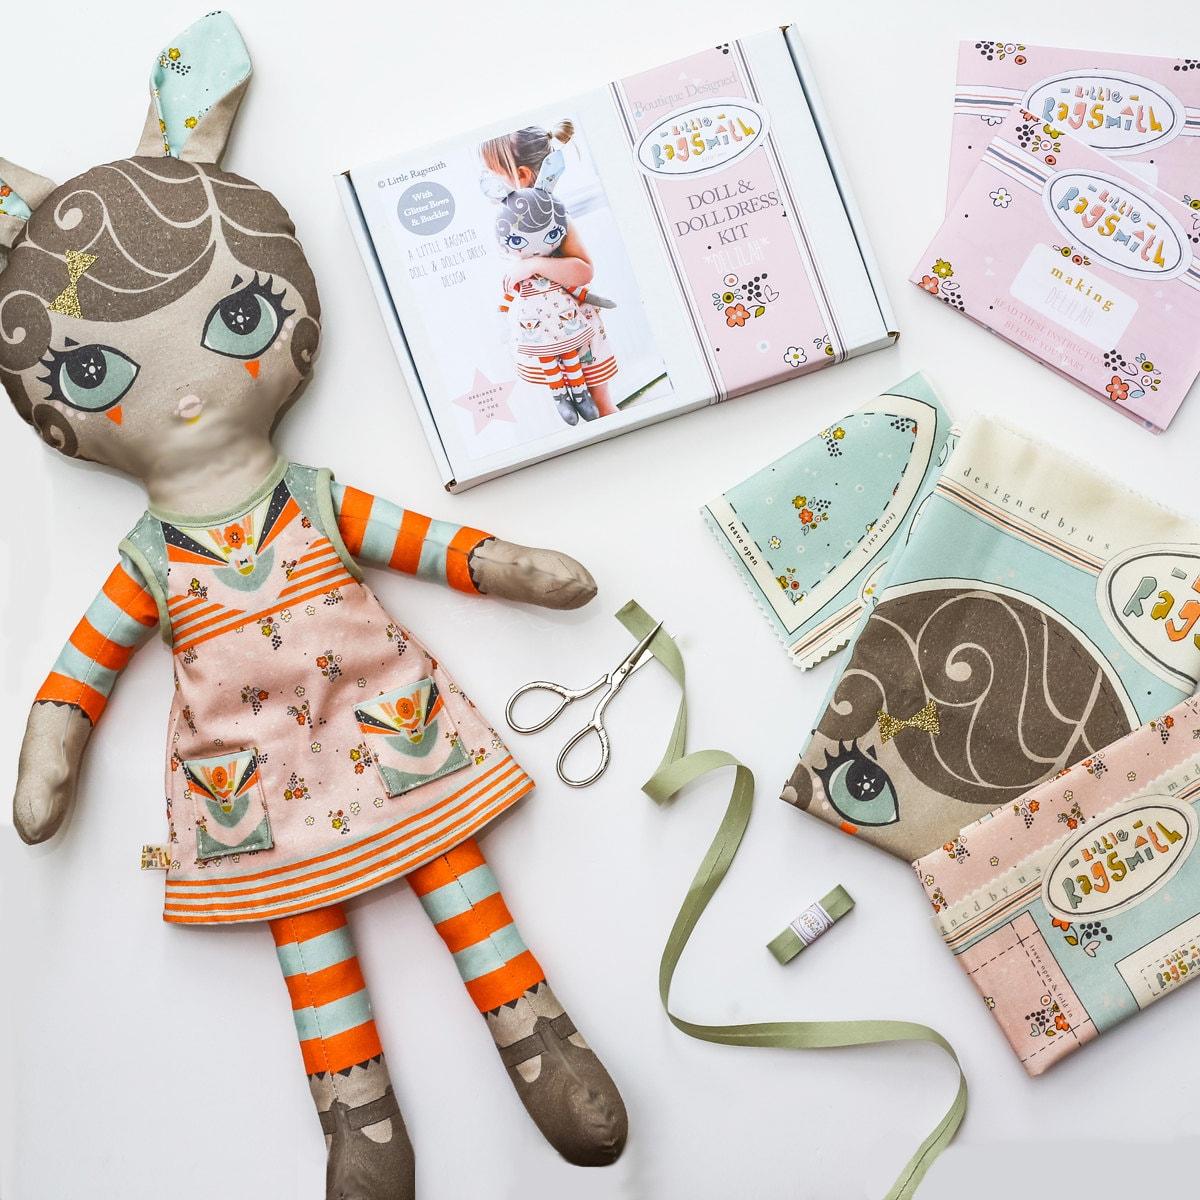 Puppe Nähen Bausatz Diy weichen Spielzeug Stoffpuppe Muster